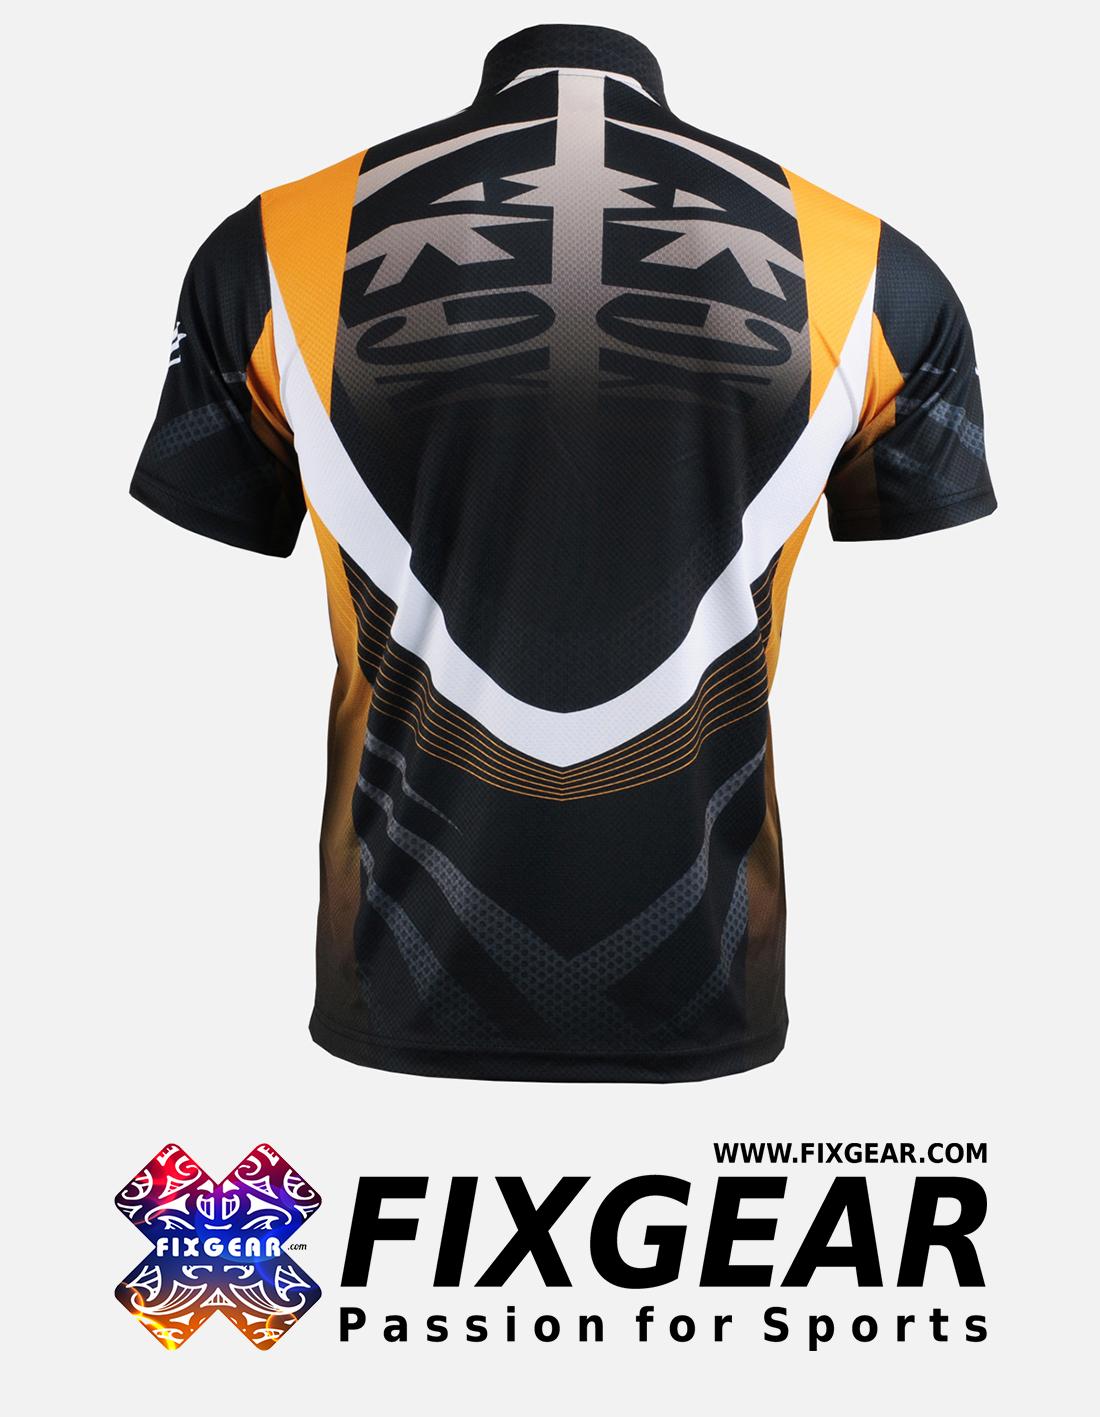 FIXGEAR BM-5802 Casual Men's short sleeve jersey 1/4 zip-up T-Shirt